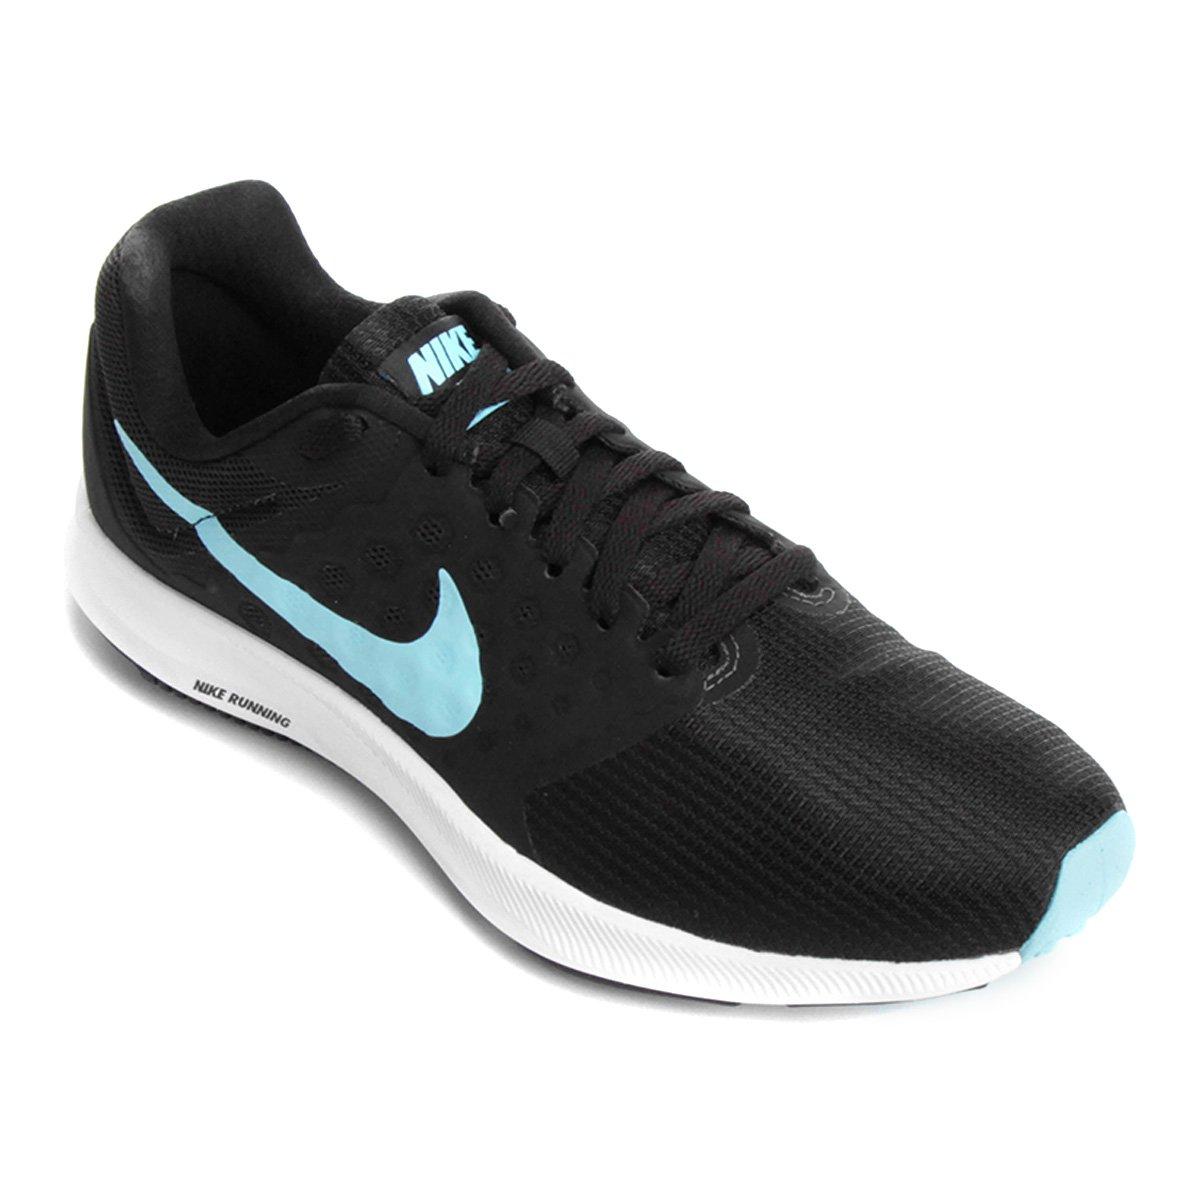 4f14a44d5dd Tênis Nike Downshifter 7 Feminino - Preto e Azul - Compre Agora ...